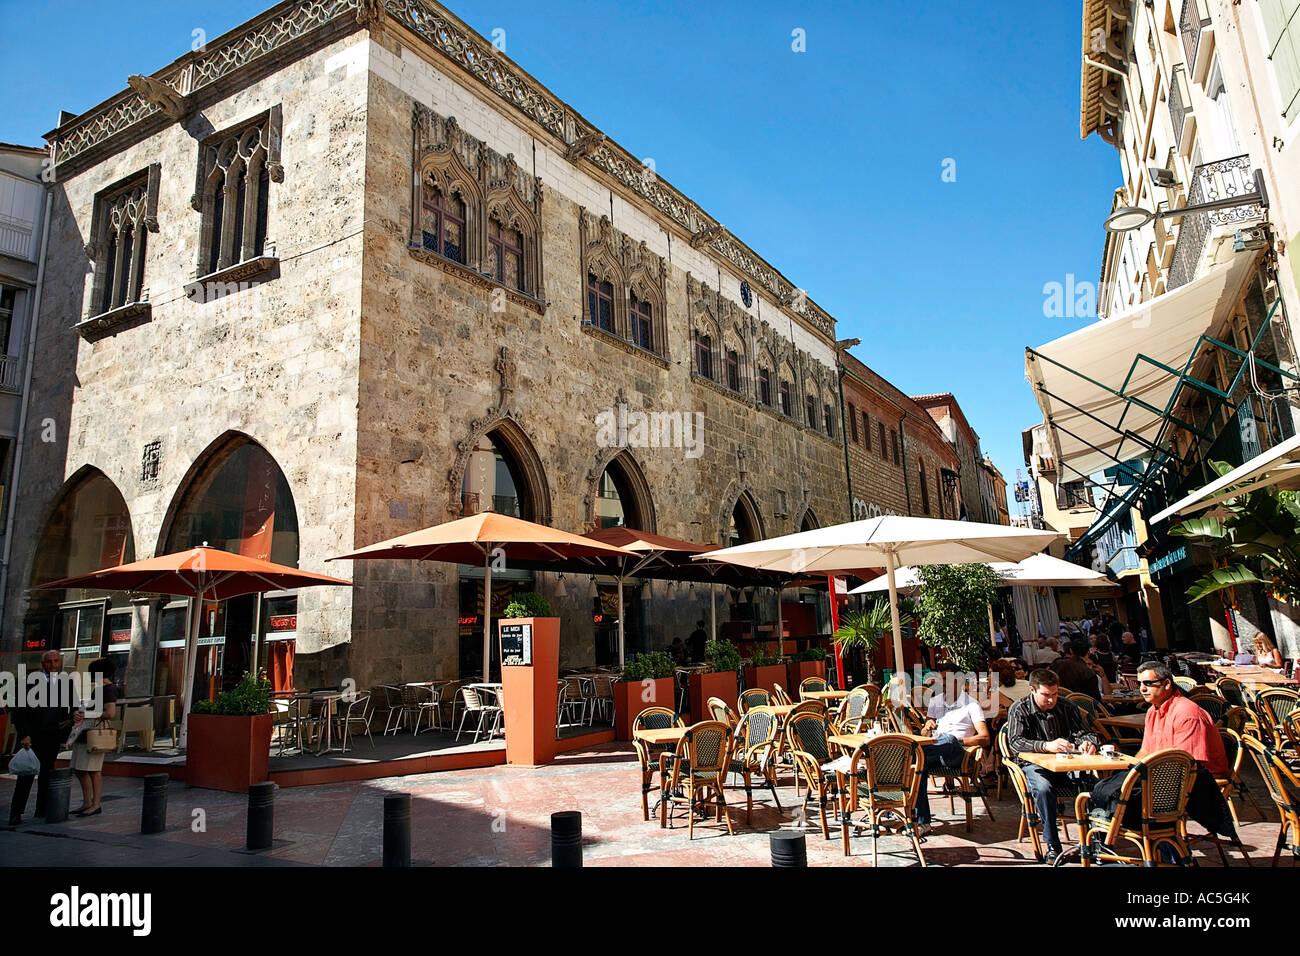 Place de la loge and loge de mer perpignan france stock photo 13048050 alamy - Mobile ch perpignan fr ...